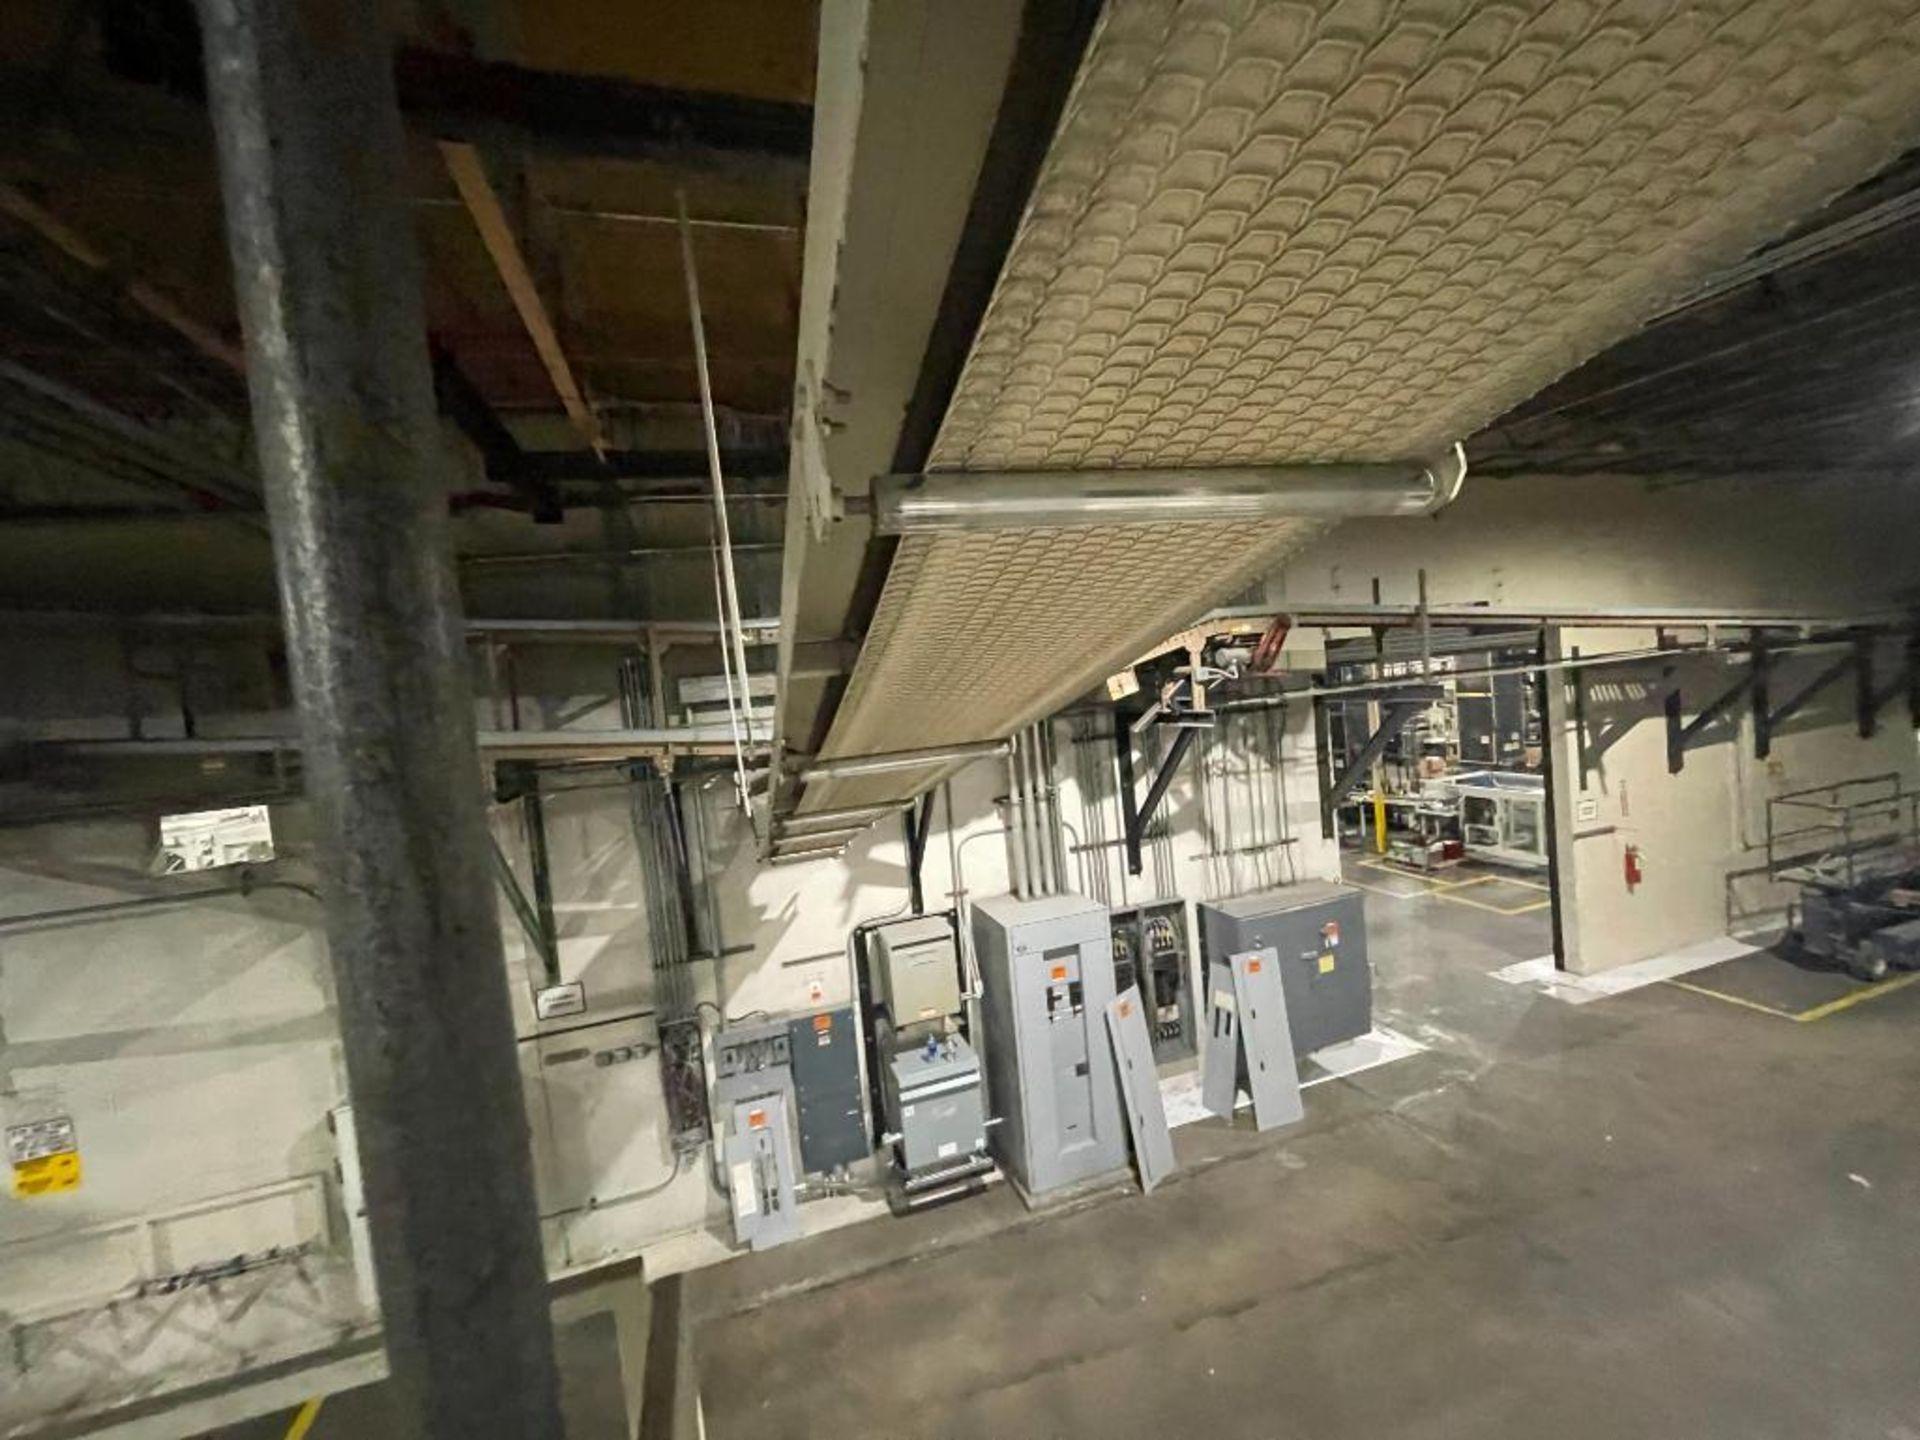 mild steel overhead belt conveyor - Image 6 of 12